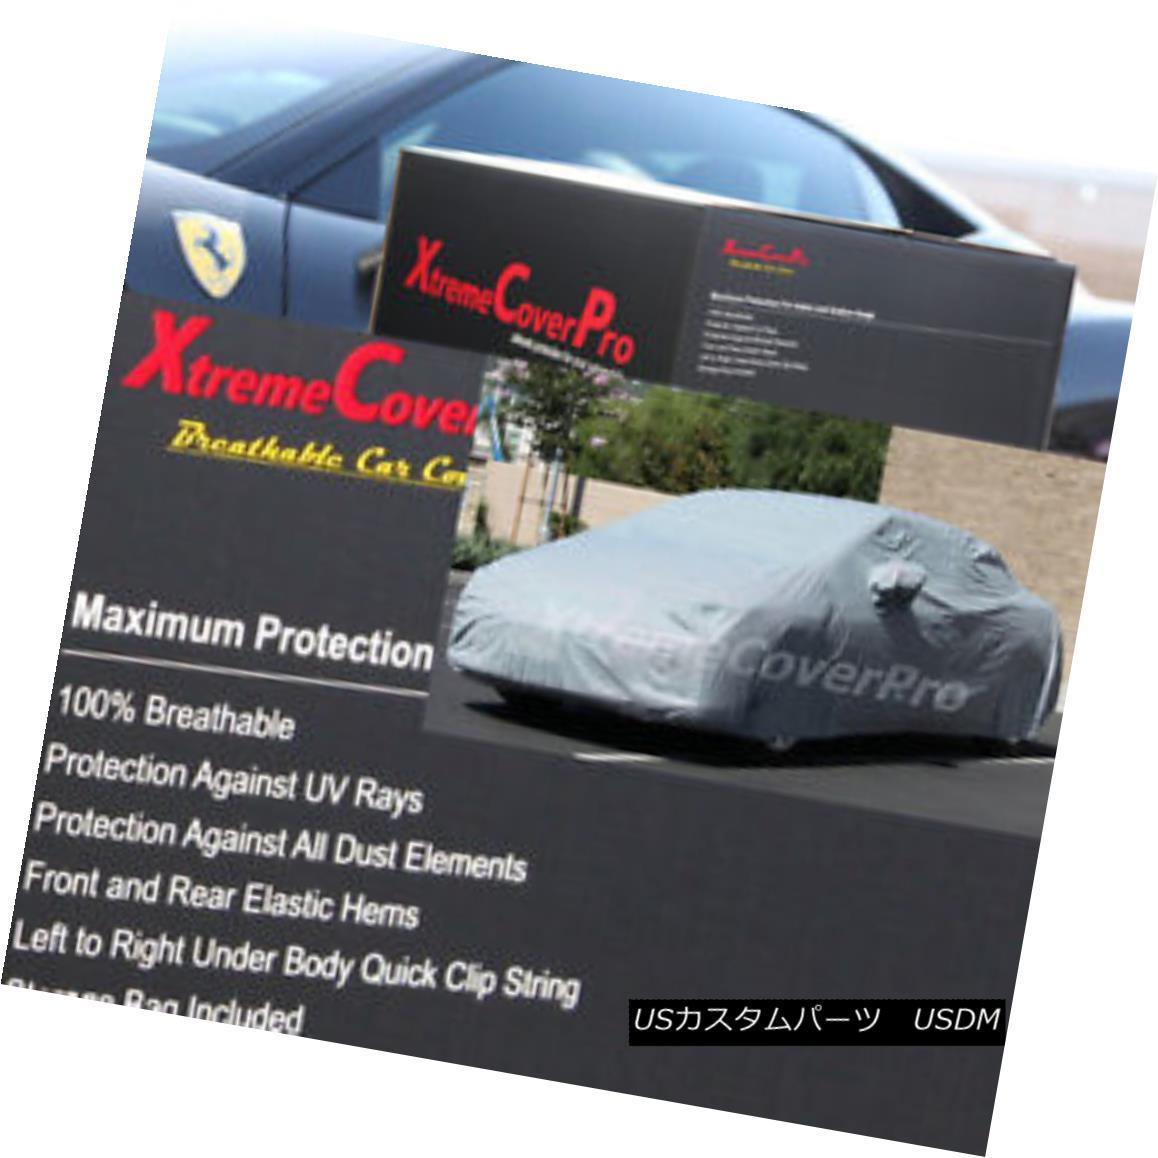 カーカバー 1994 1995 Mercedes E320 E430 E300D Breathable Car Cover w/MirrorPocket 1994年1995年メルセデスE320 E430 E300D通気性車カバー付きMirrorPocket